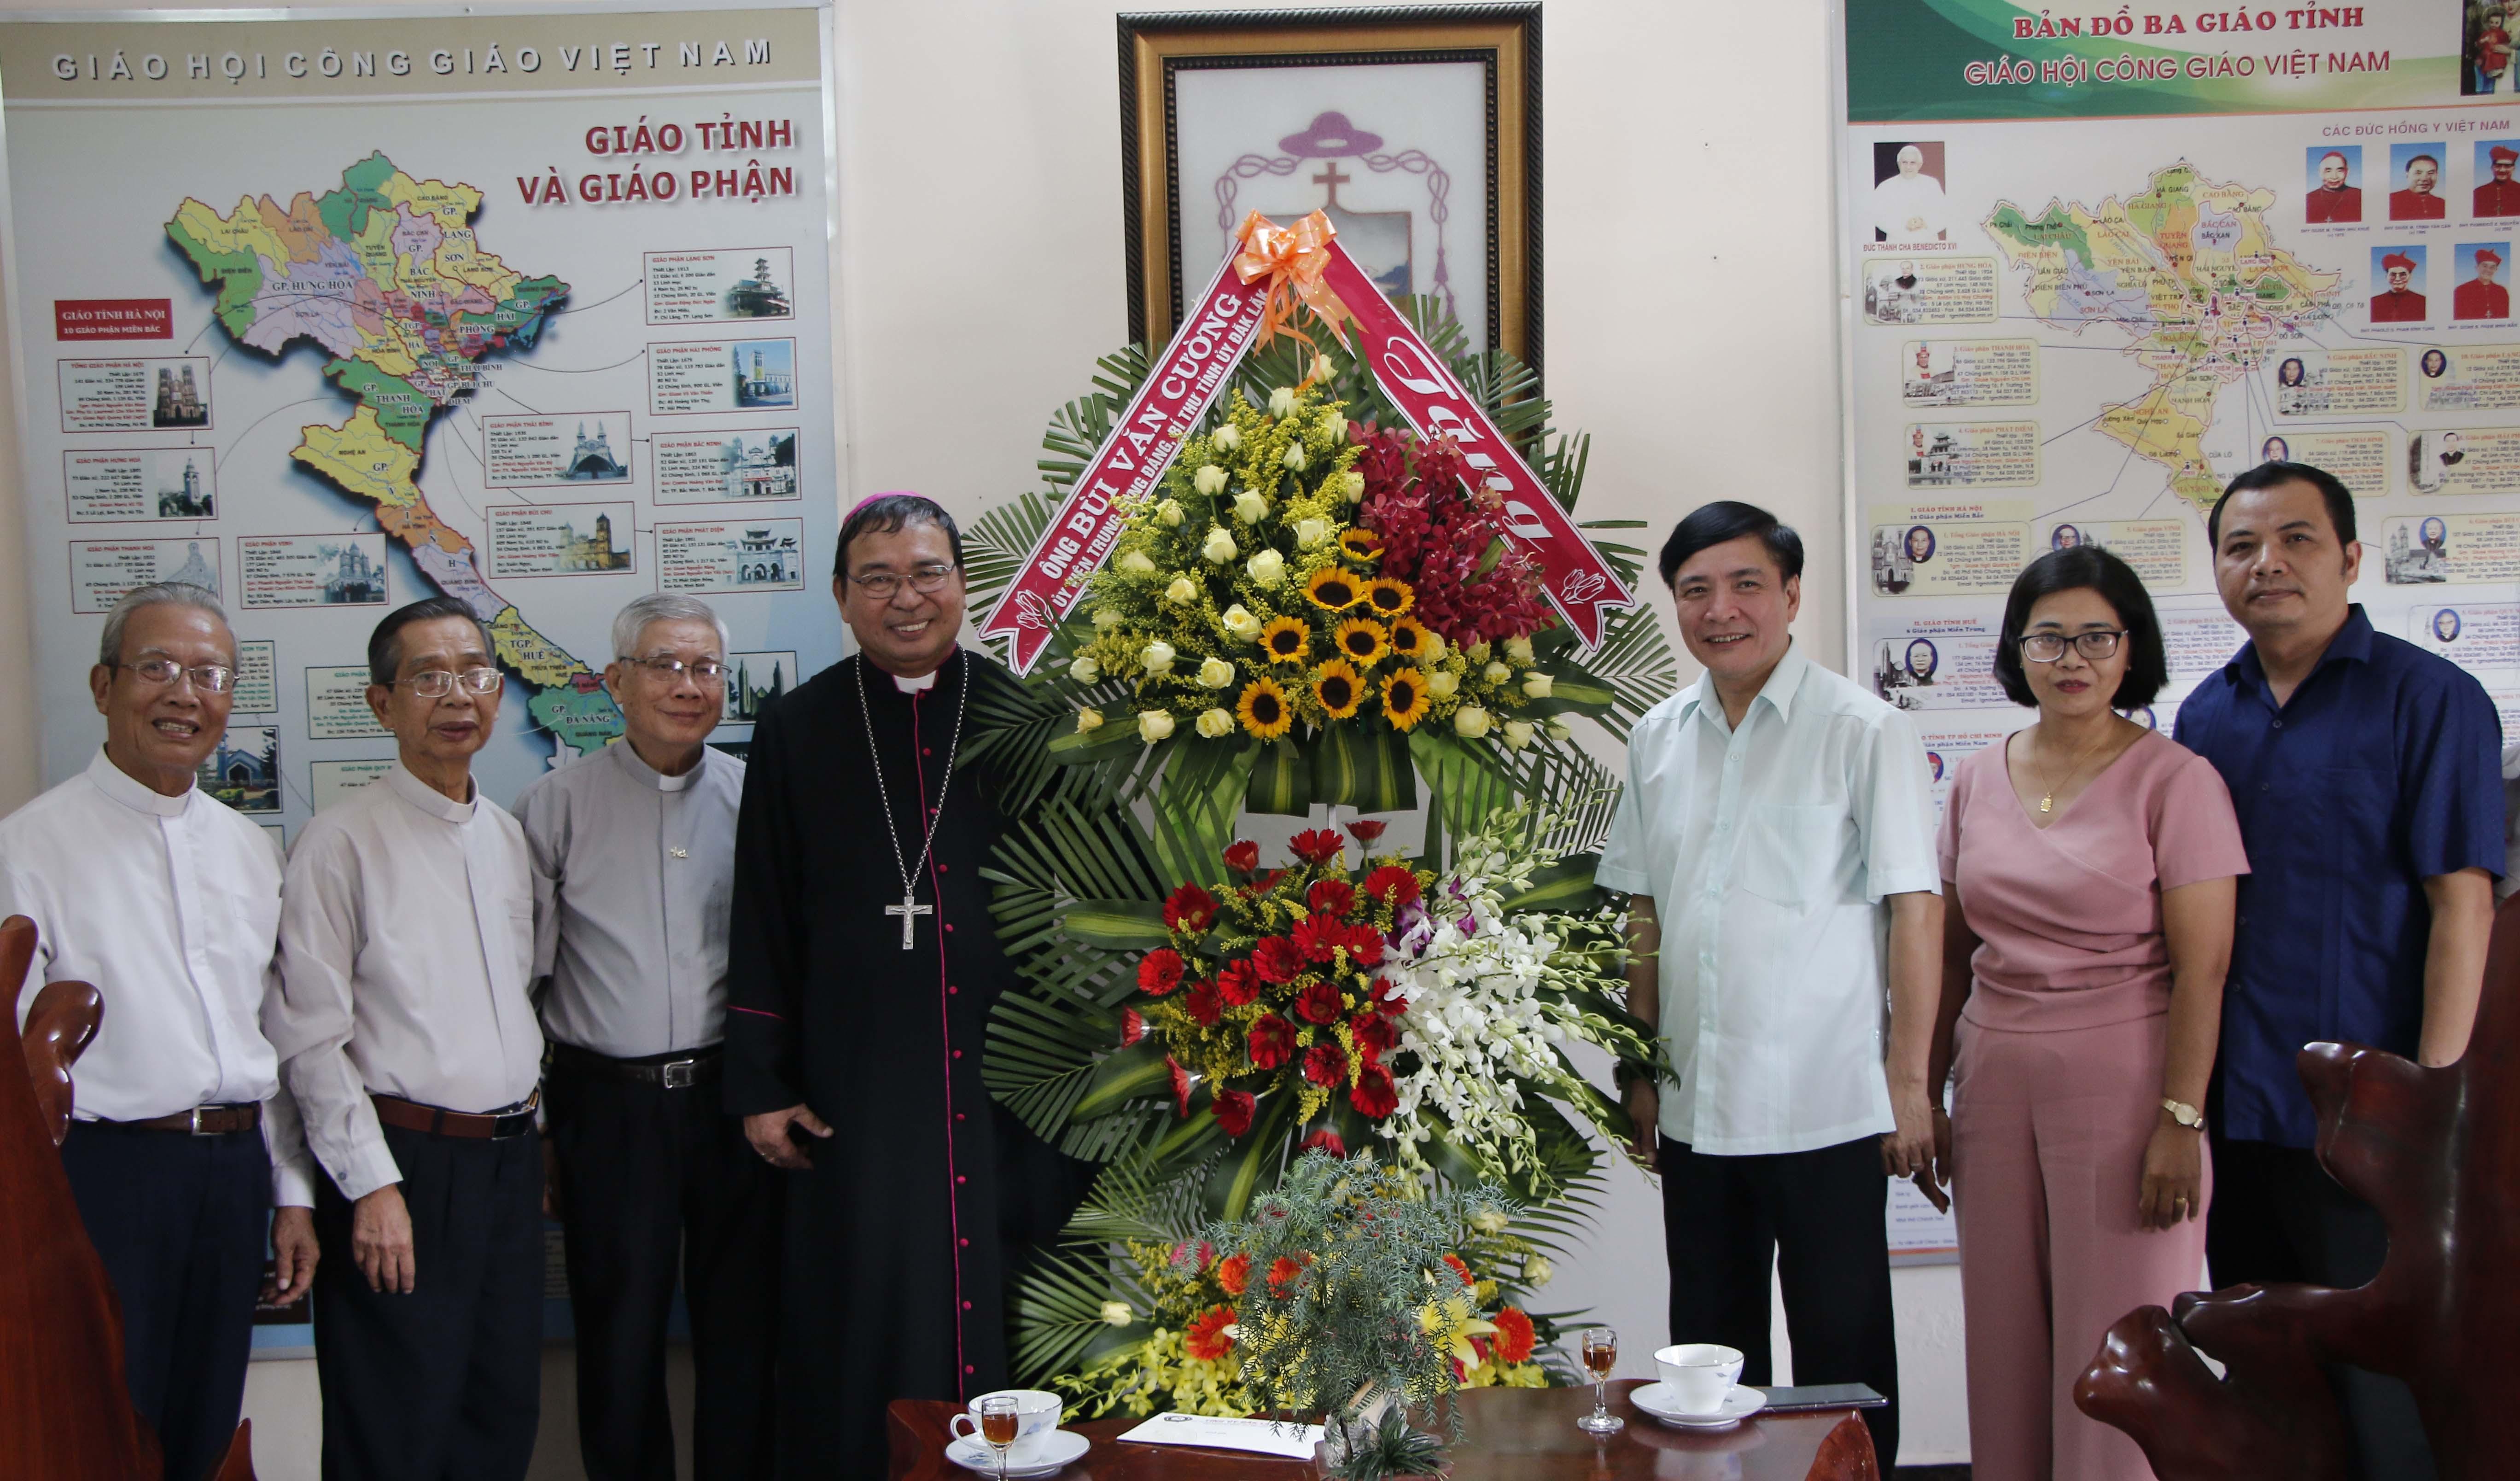 Bí thư Tỉnh ủy thăm và làm việc với các cơ sở tôn giáo